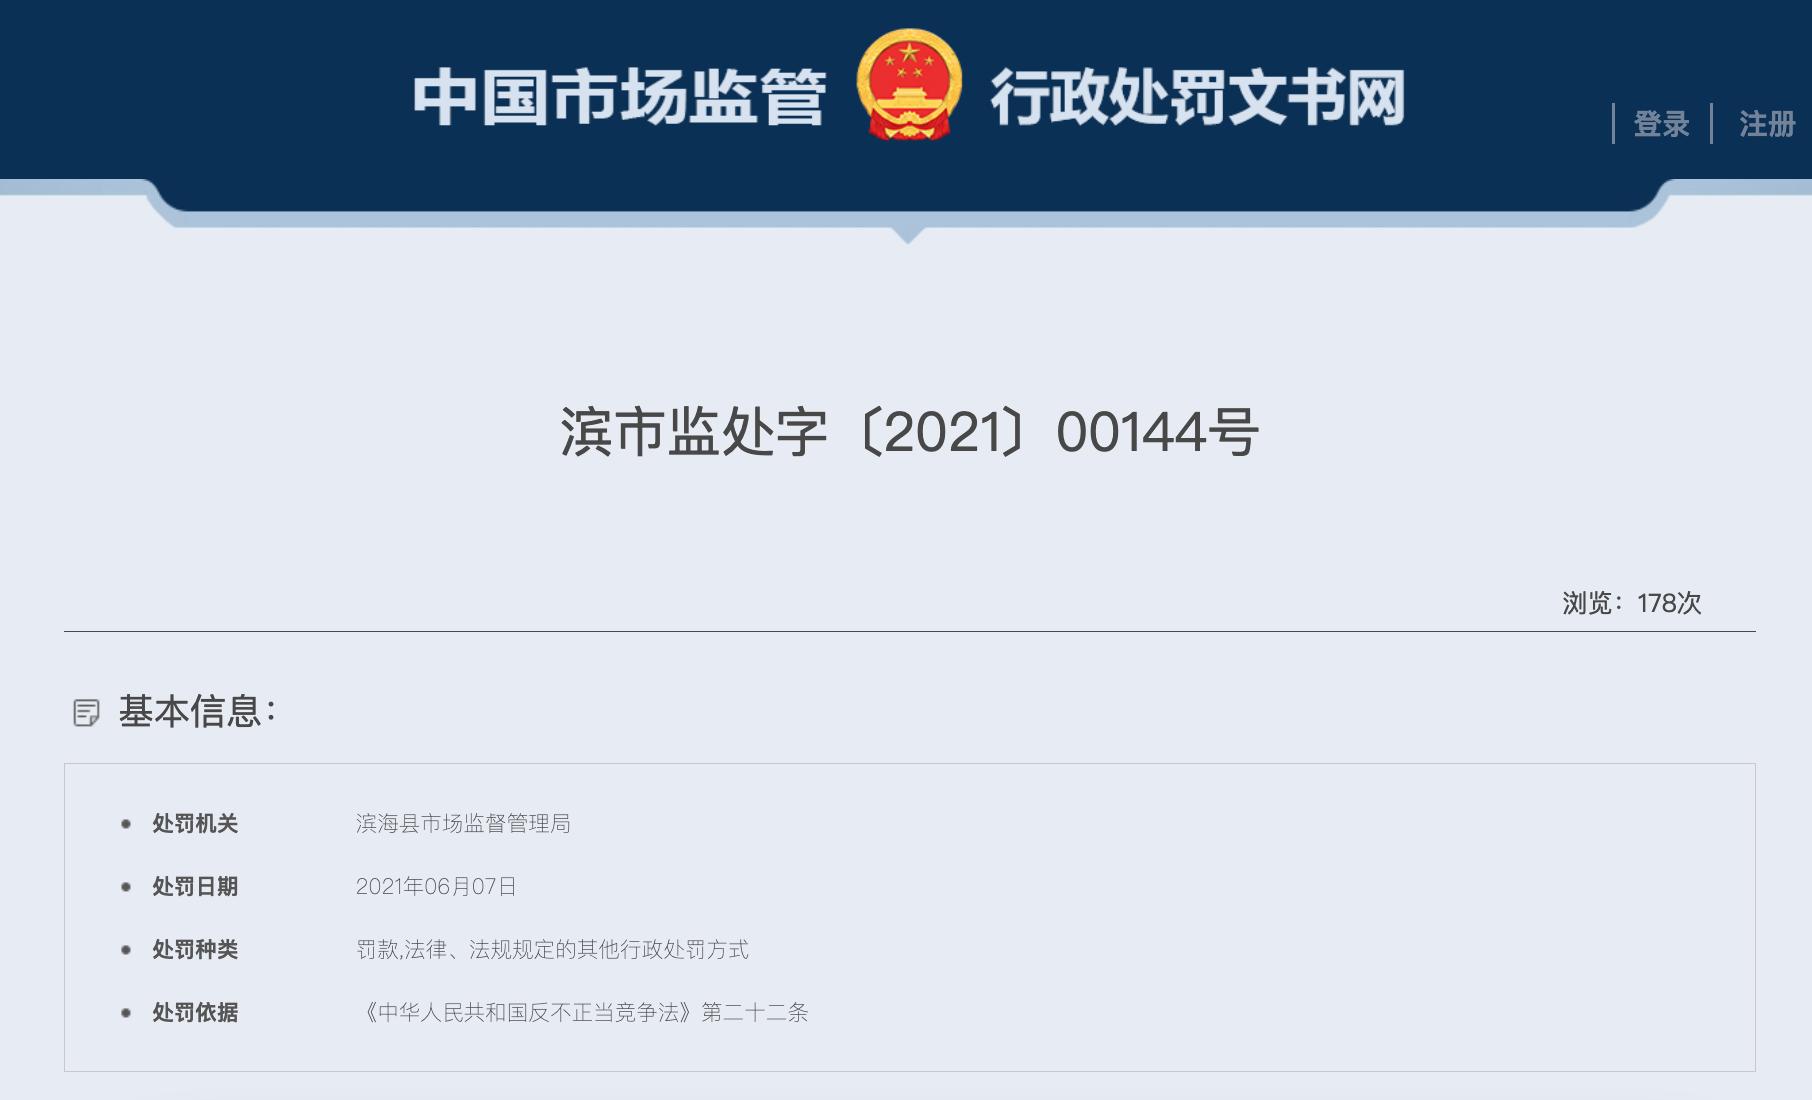 统一饮料开盖中奖率不实遭行政处罚 统一企业中国股价一周下跌9.3%